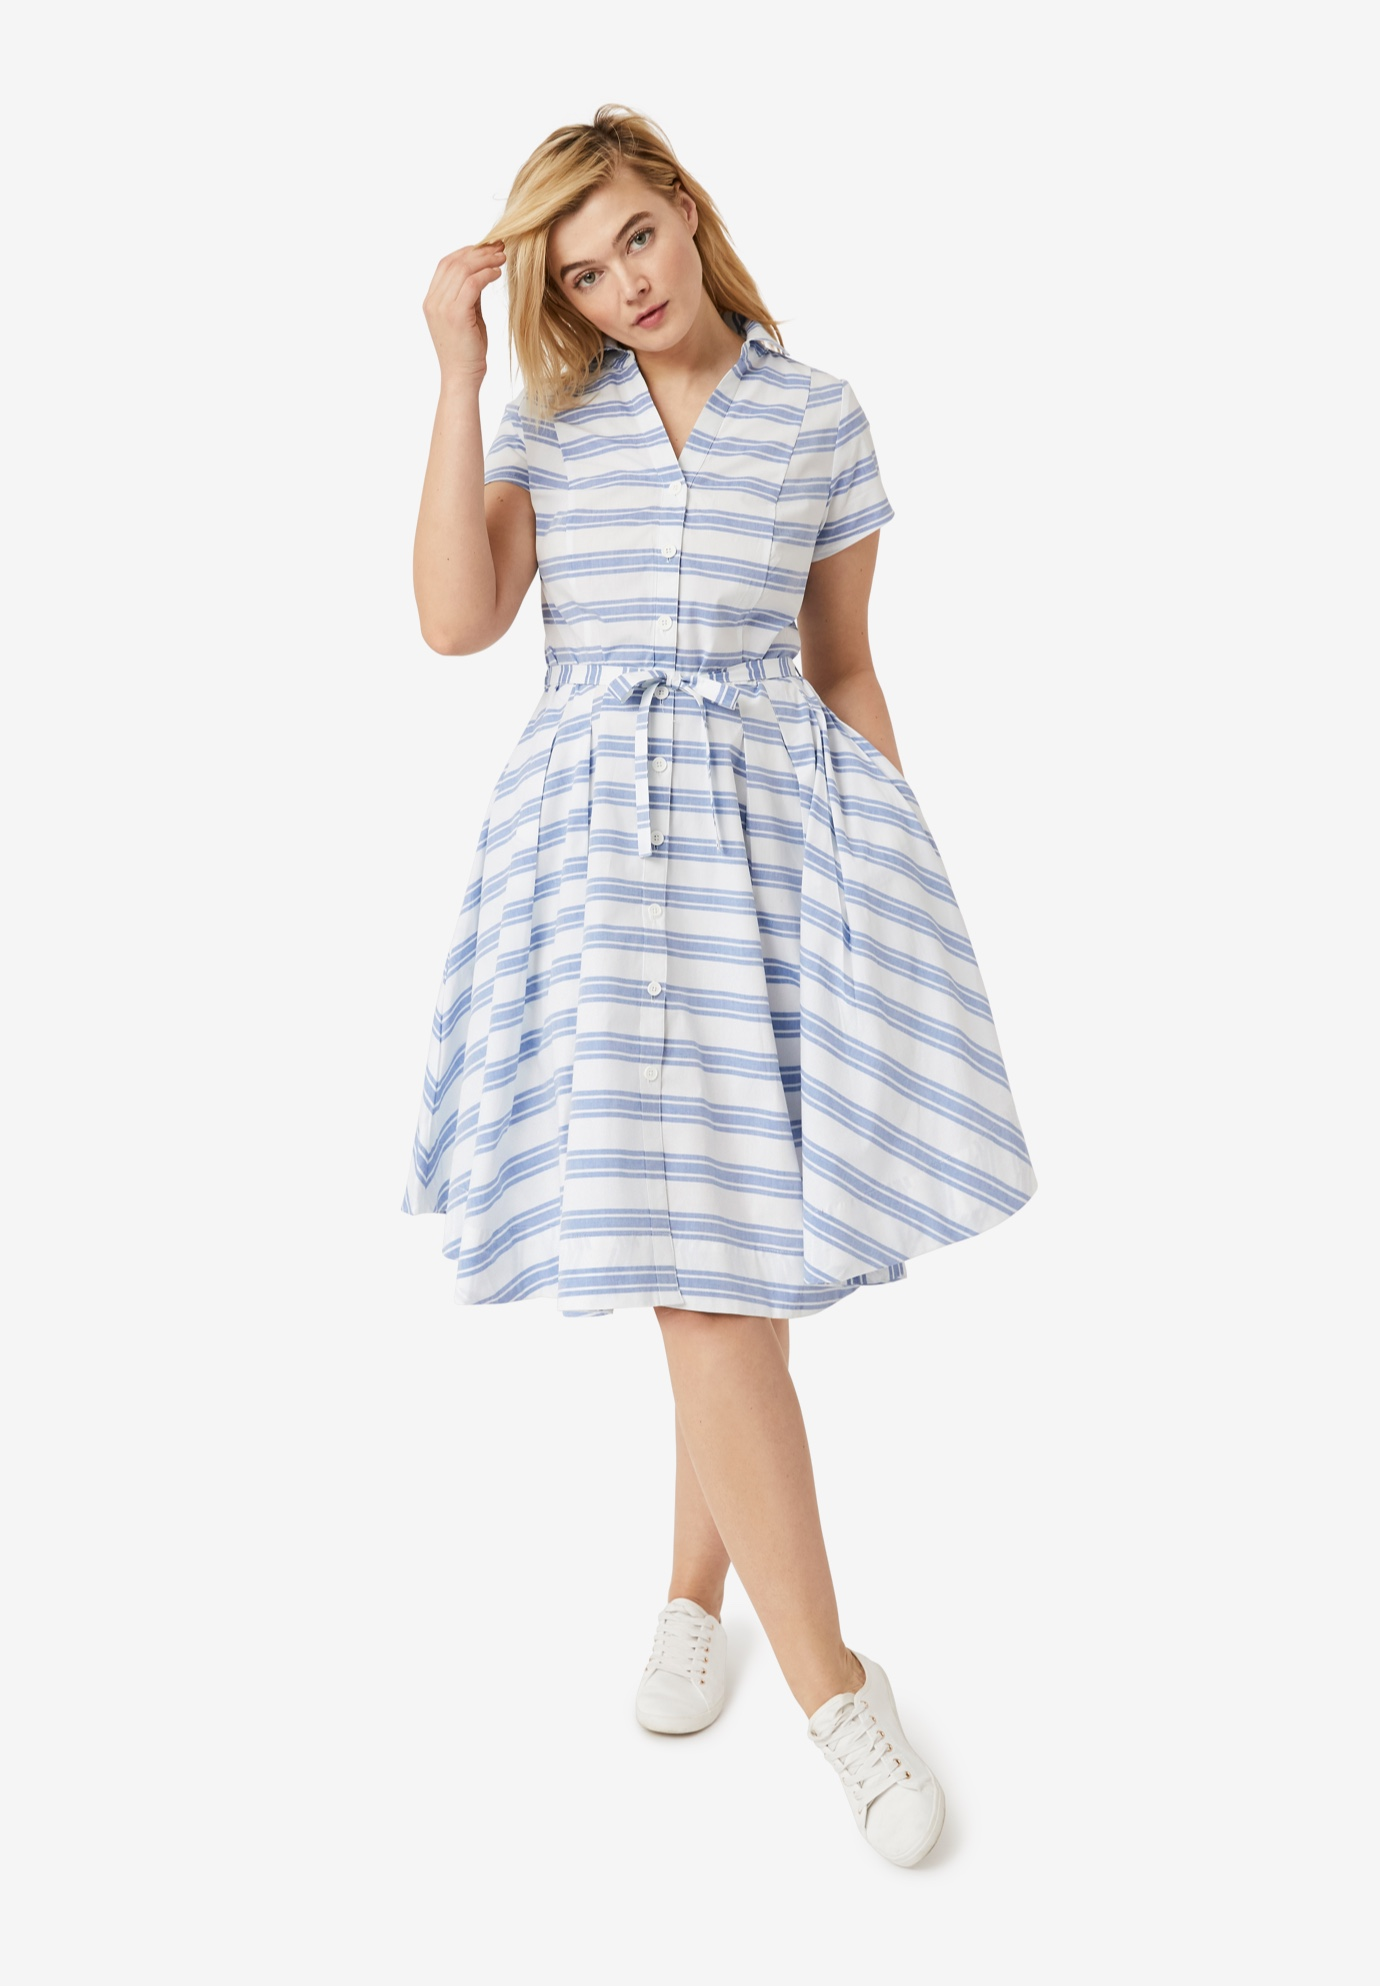 Sandy Shirtwaist Dress by ellos®